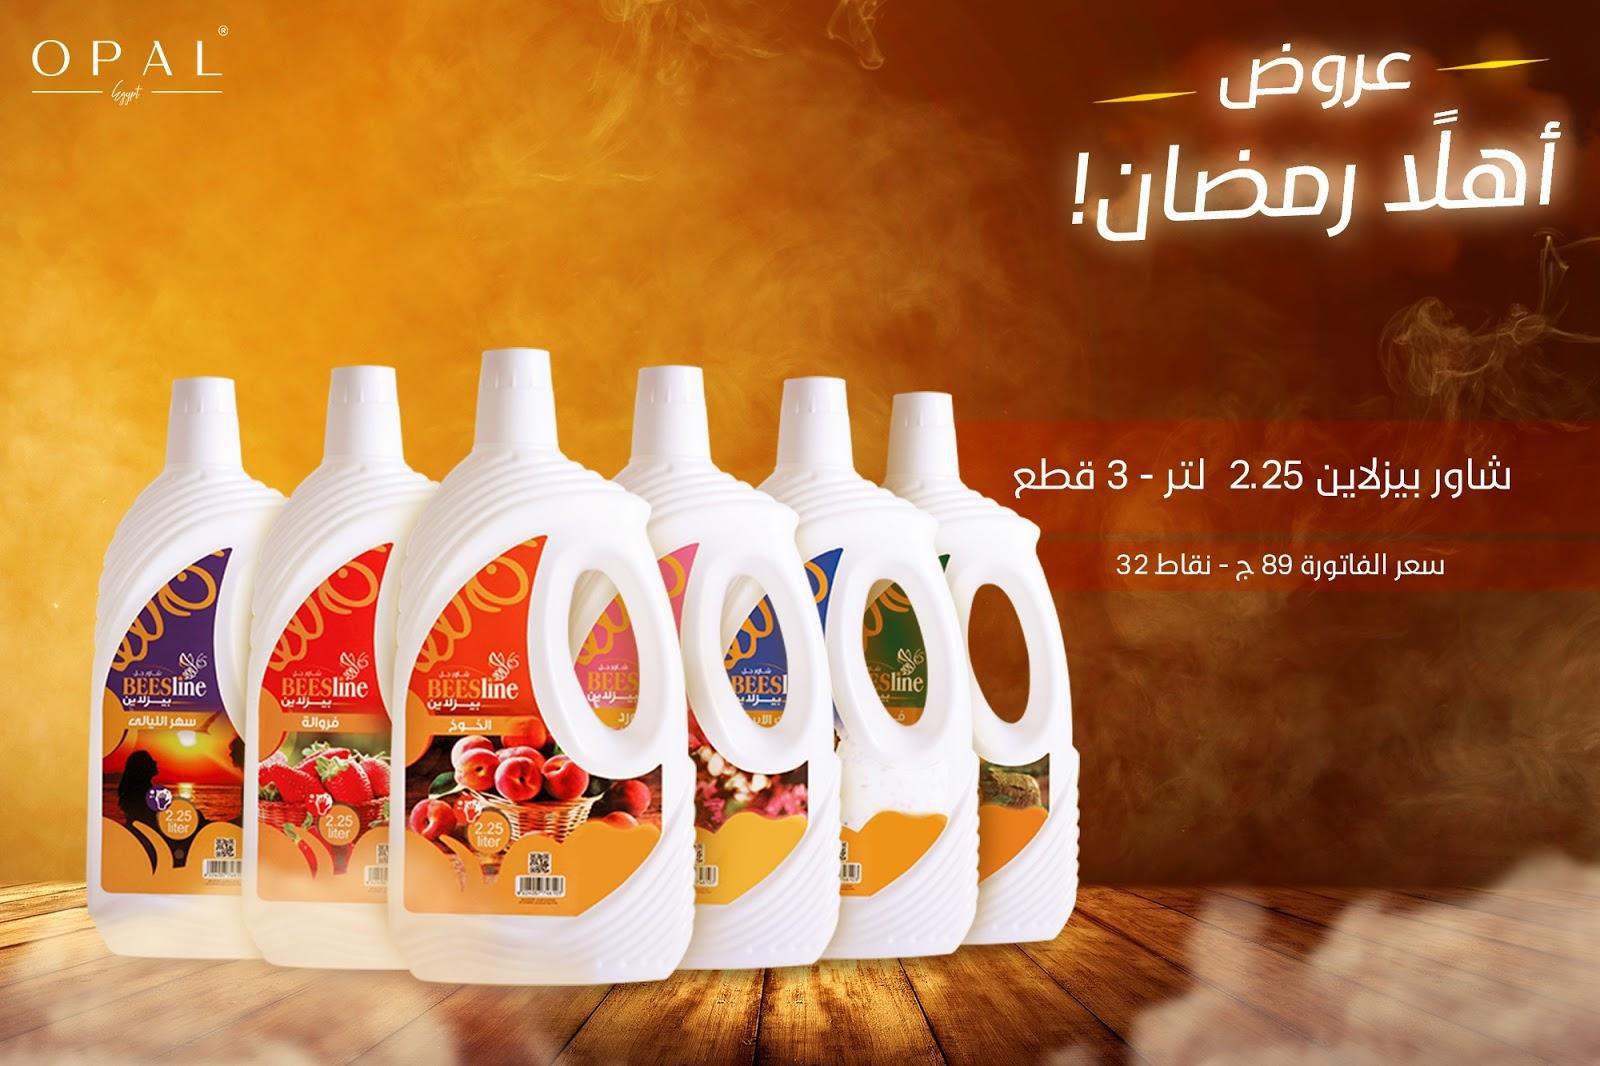 عروض اوبال الجديدة من 18 ابريل حتى 23 ابريل 2020 Opal عروض اهلا رمضان